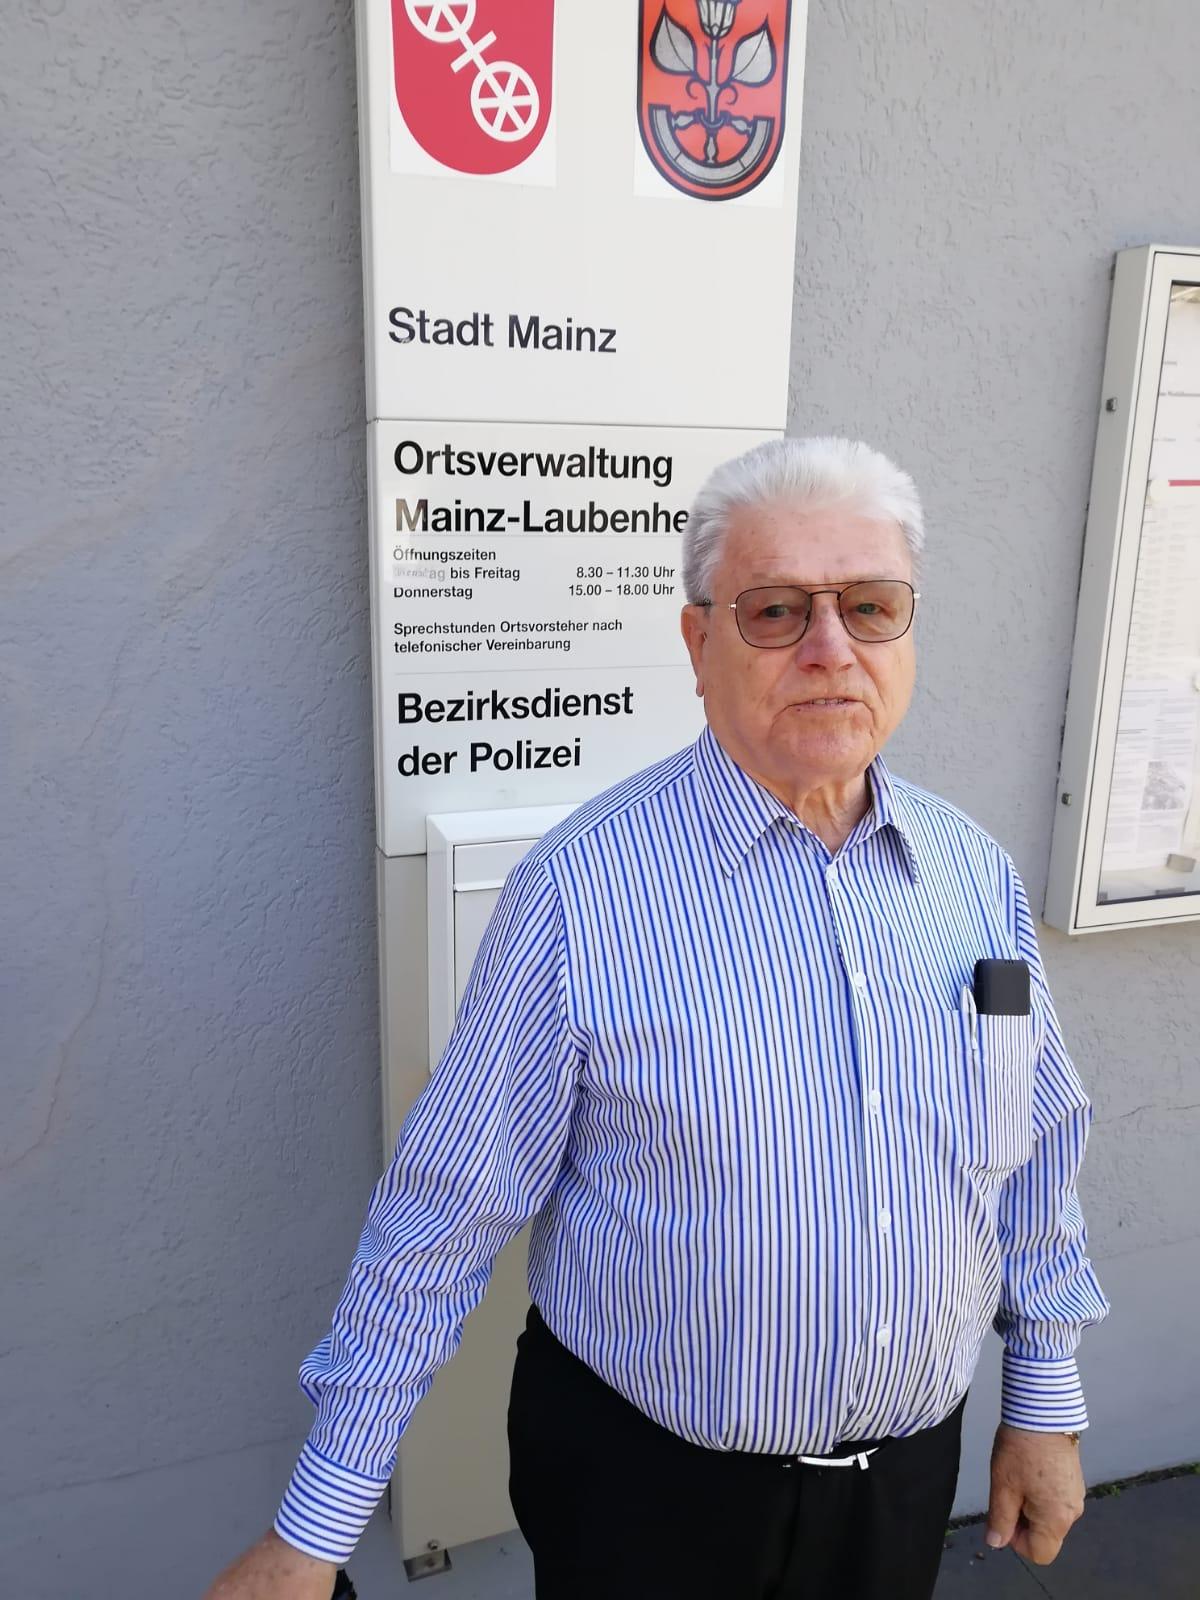 Paul Stenner